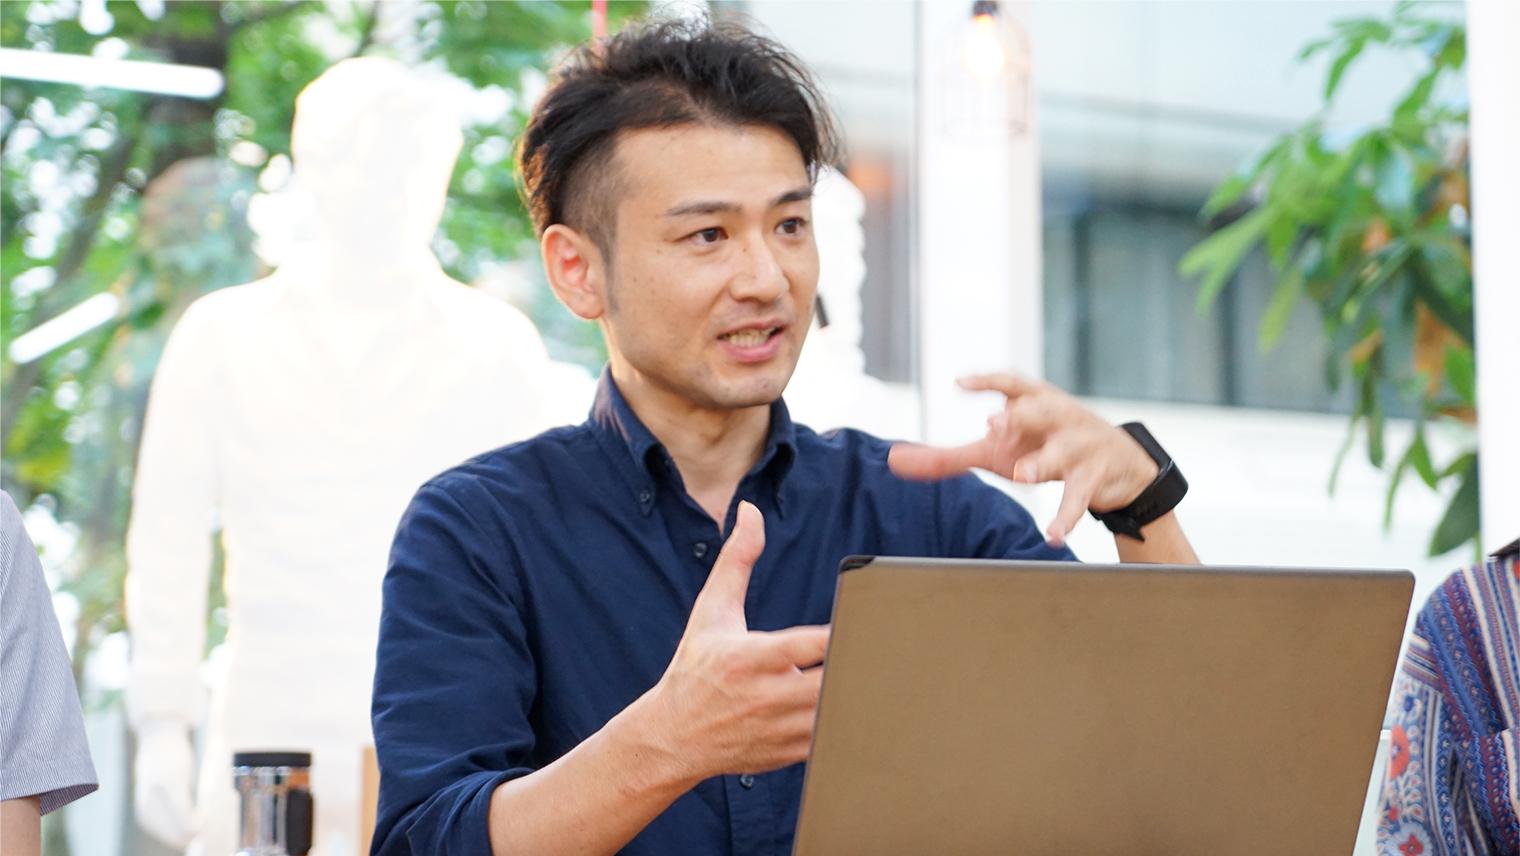 中島輝久さん ライオン株式会社 研究開発本部 イノベーションラボ